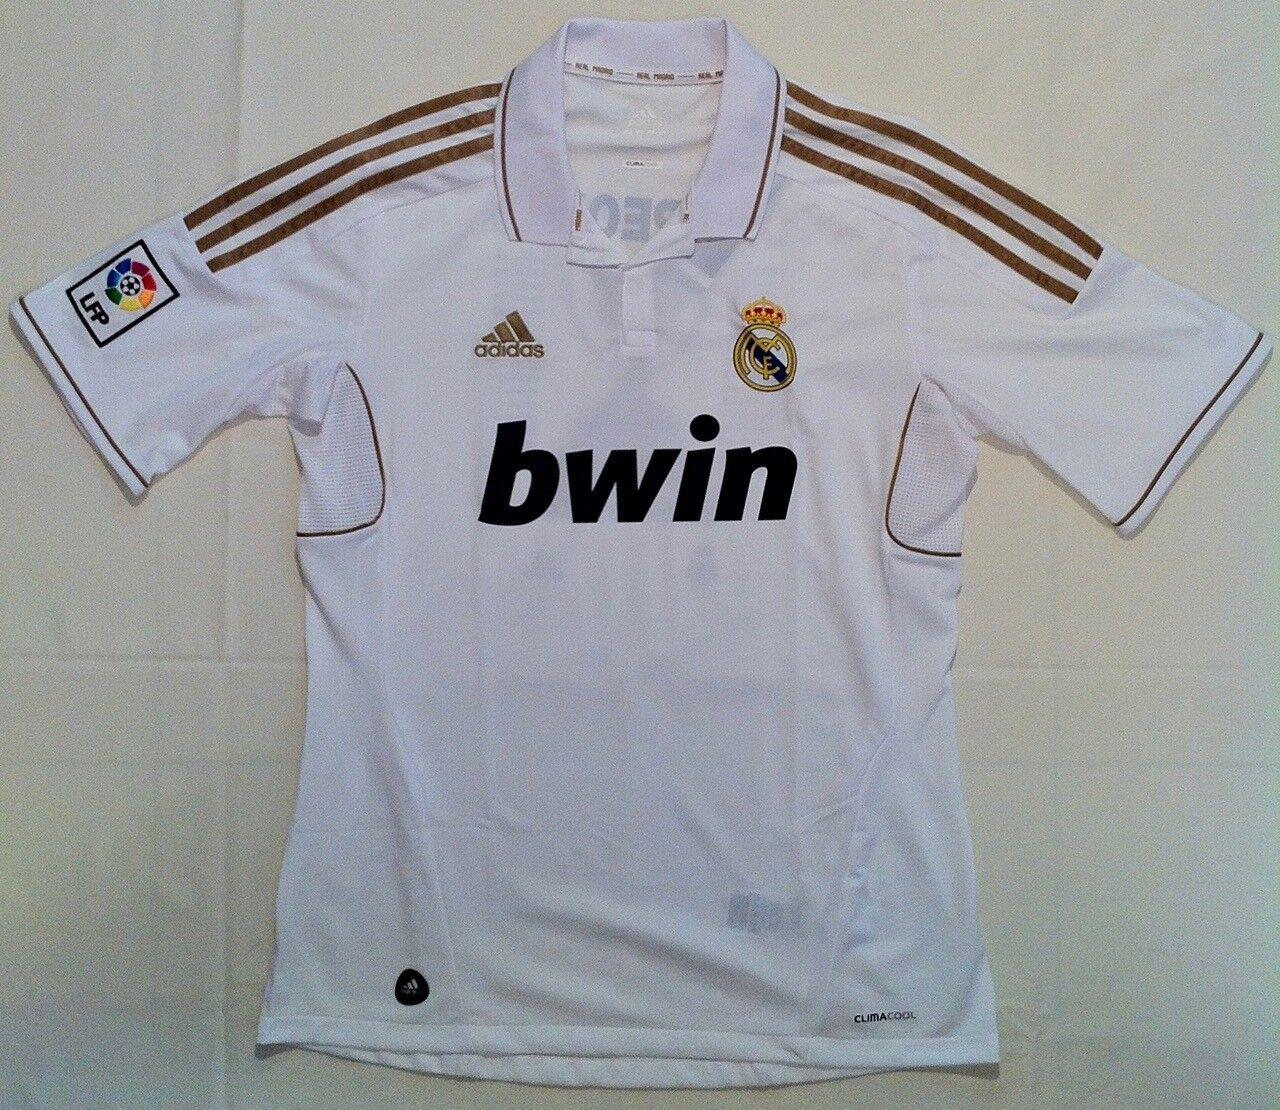 Camiseta conmemorativa del Real Madrid como campeón de Liga 20112012 Diuominiione M